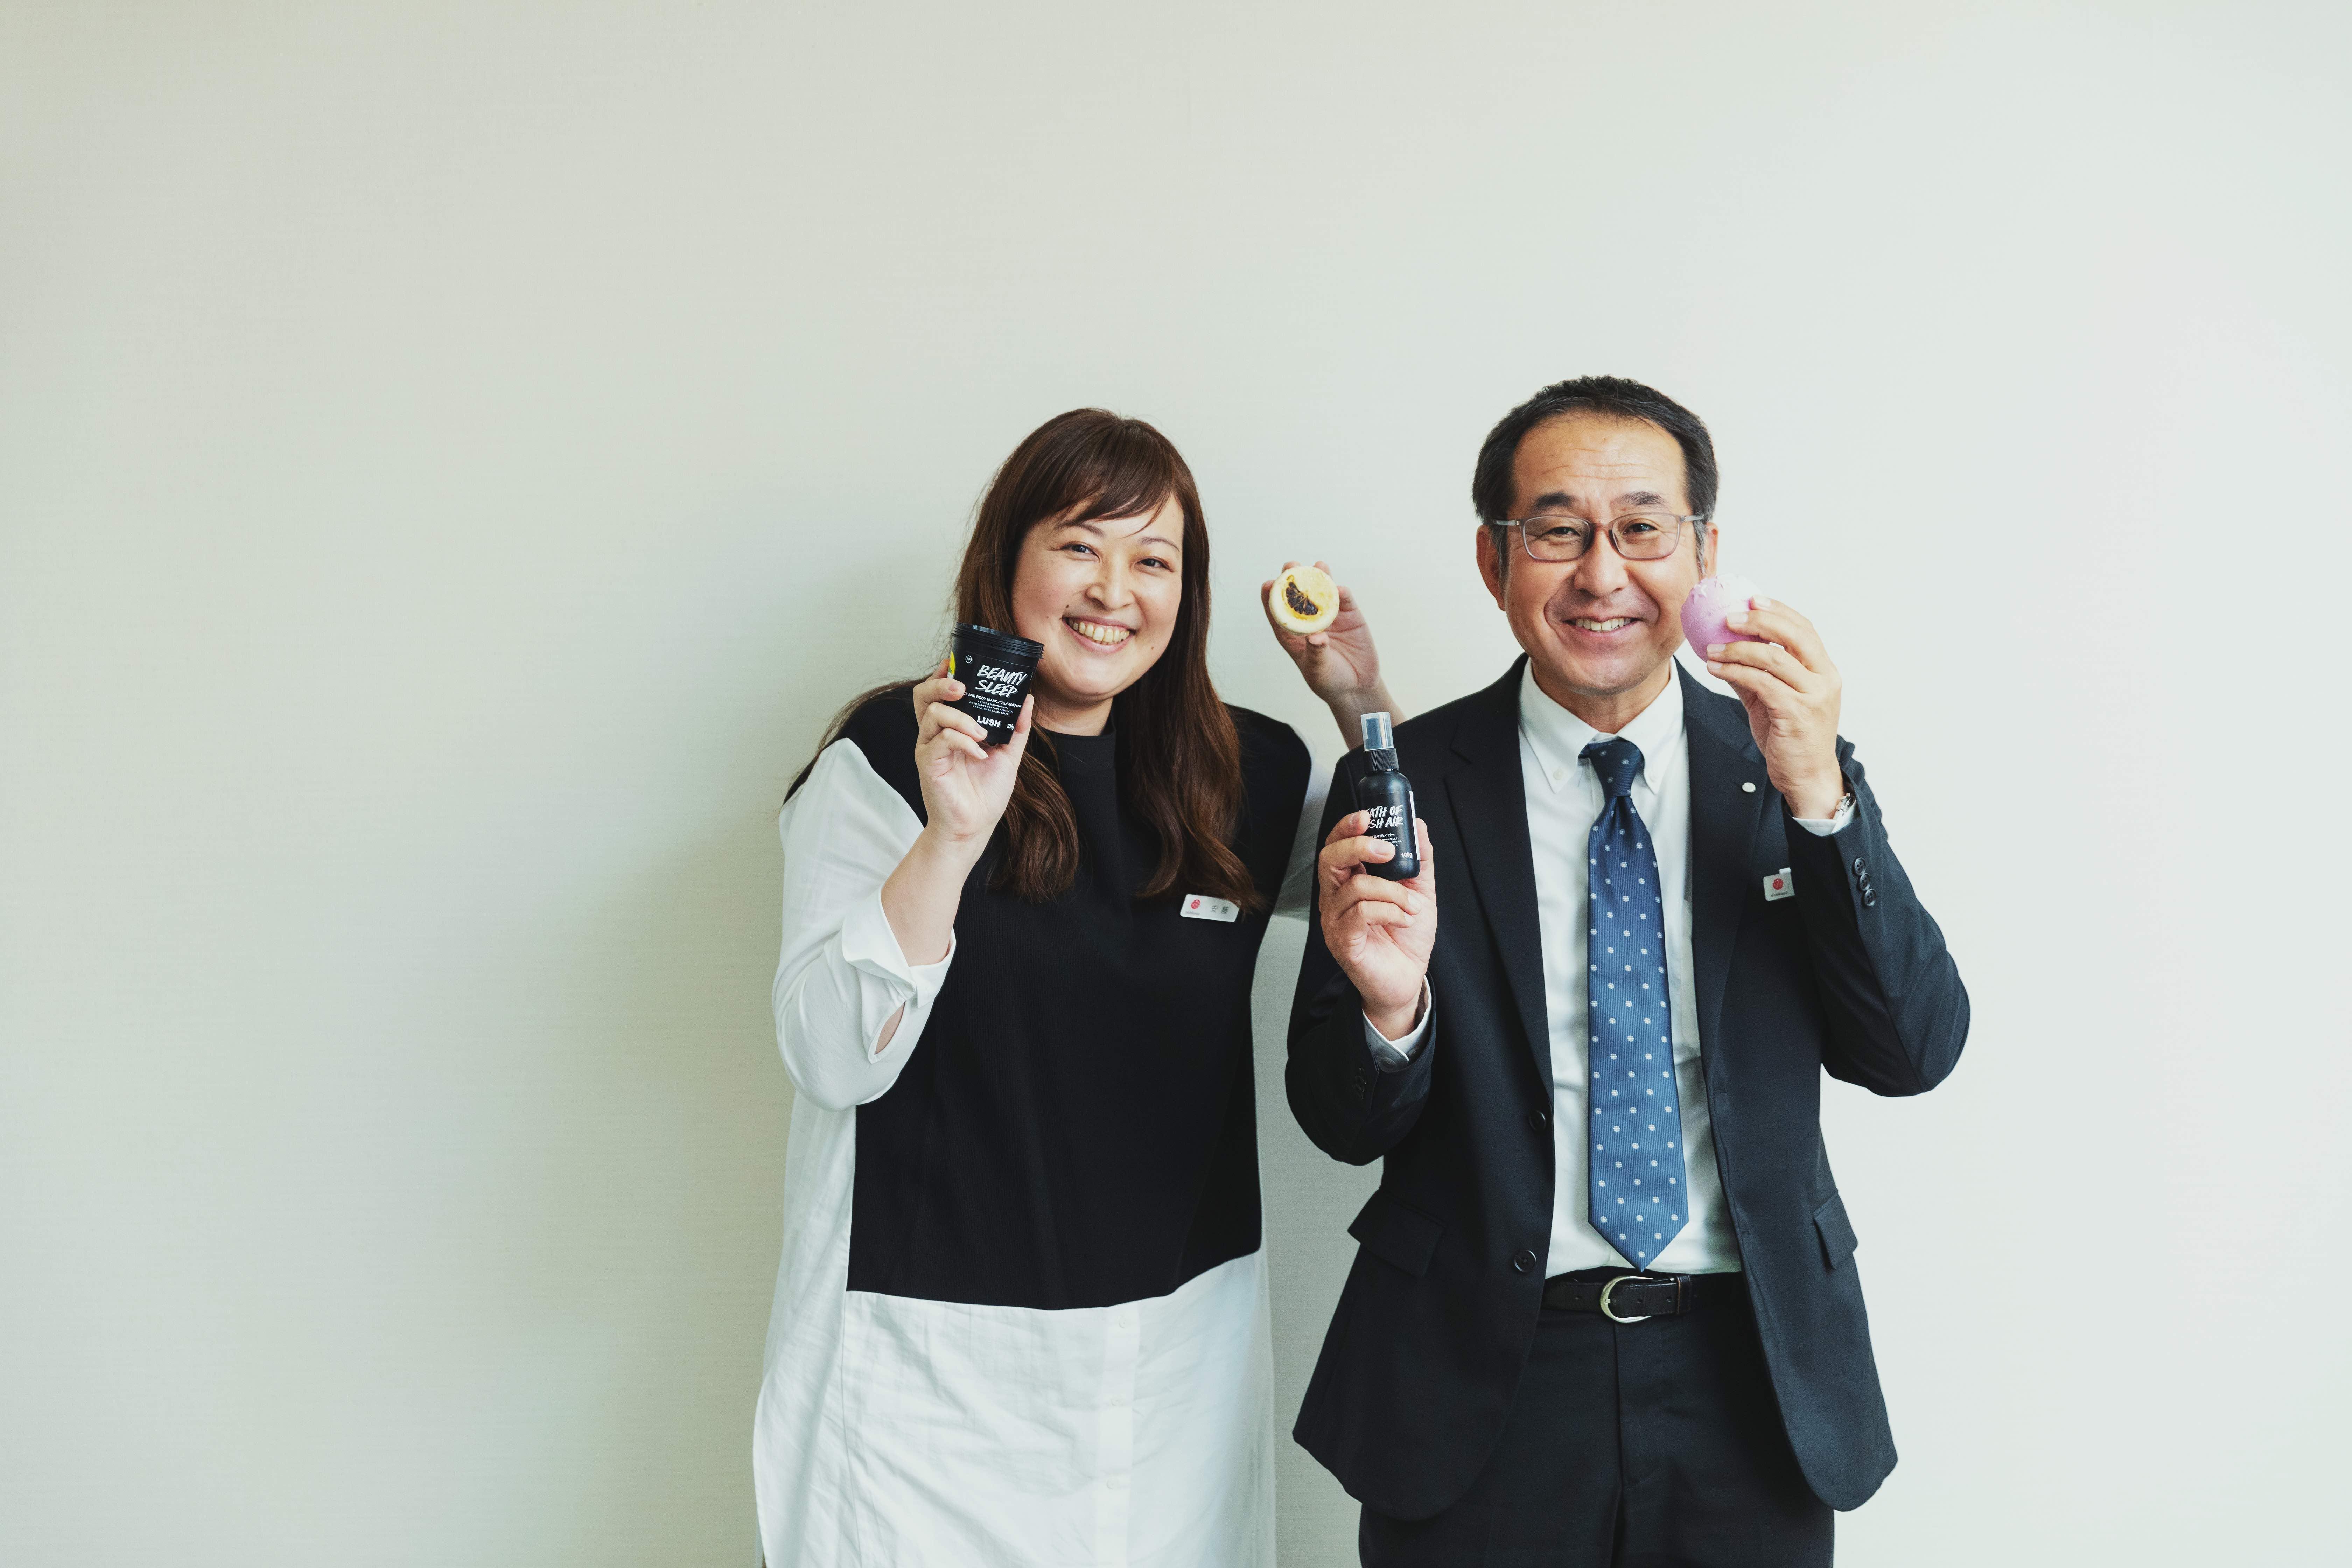 安藤 咲(左)、三田村 哲也(右)